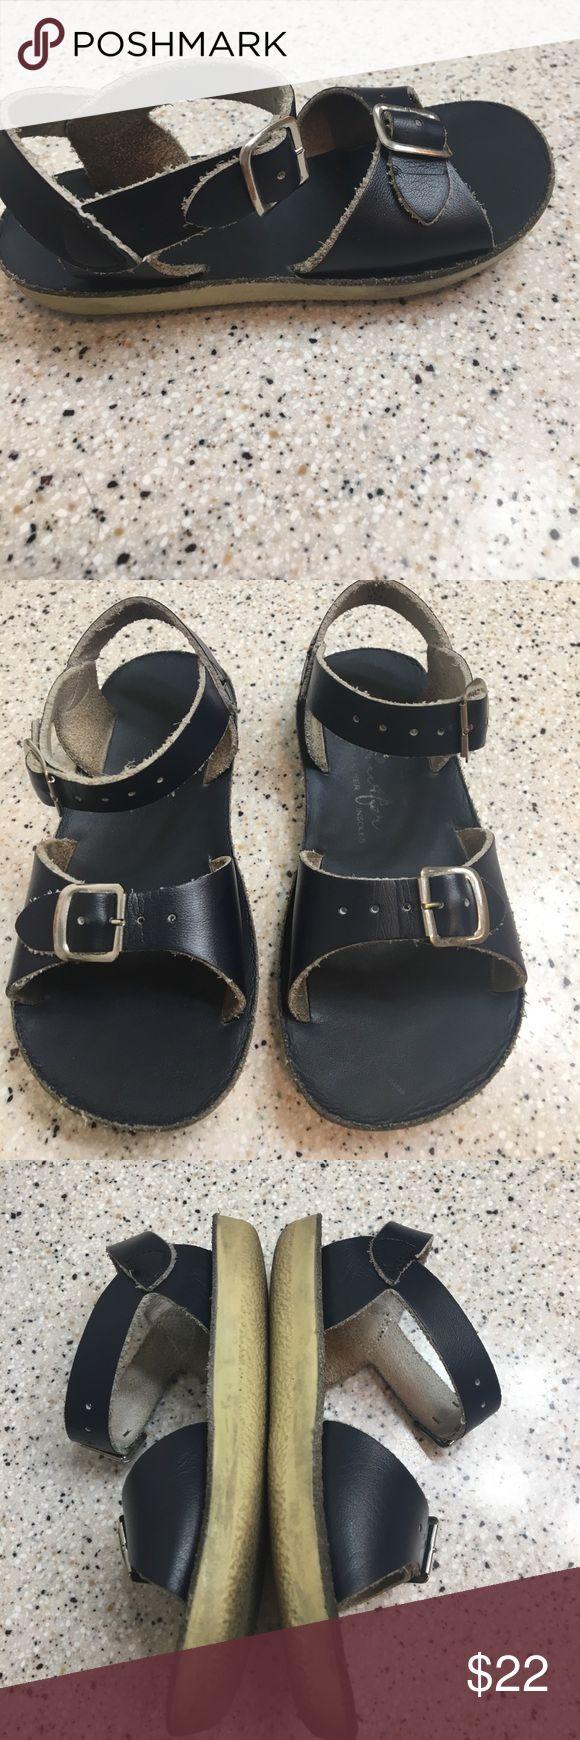 Hoy Shoes Salt Water Sandal Size 9 Hoy Shoes Salt Water Sandal Size 9, boys or girls, water friendly, leather upper, good condition HOY Shoes Shoes Sandals & Flip Flops